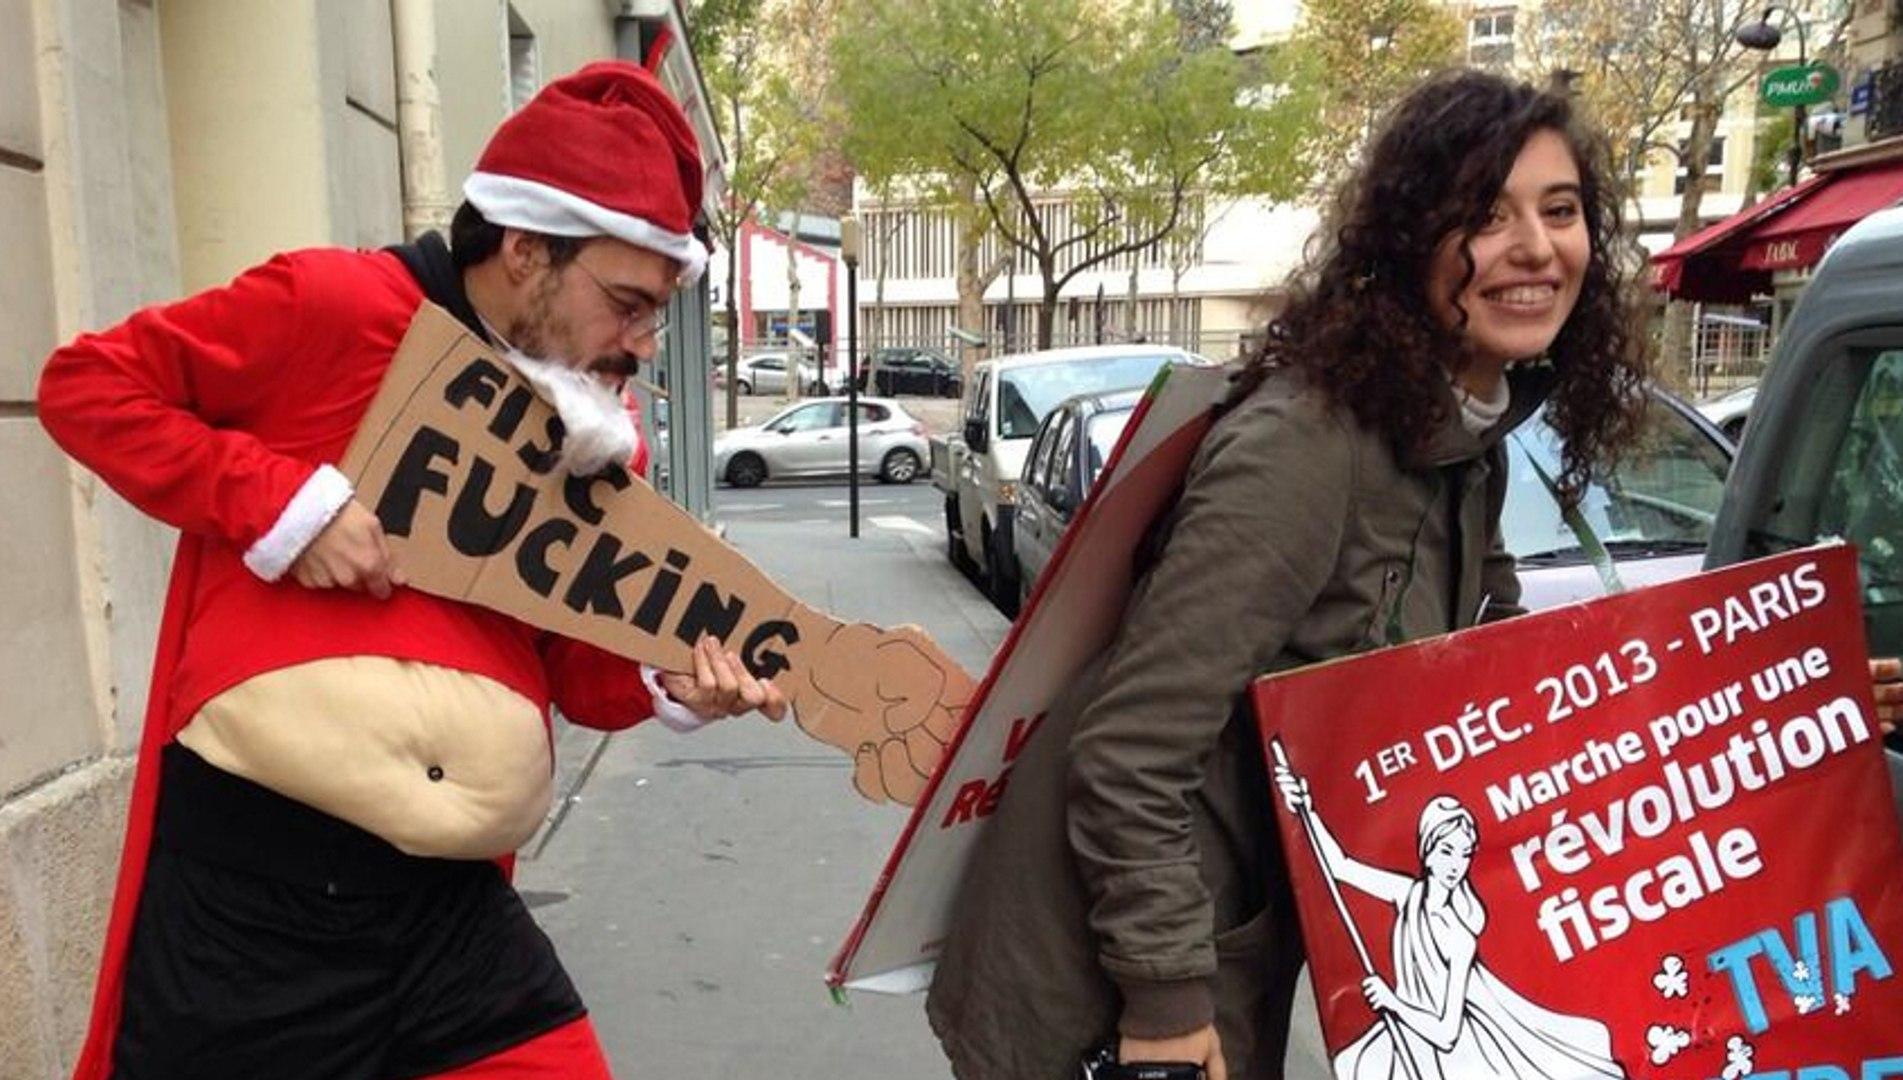 ZAPPING ACTU DU 29/11/2013 - Le Fisc Fucking du Front de Gauche